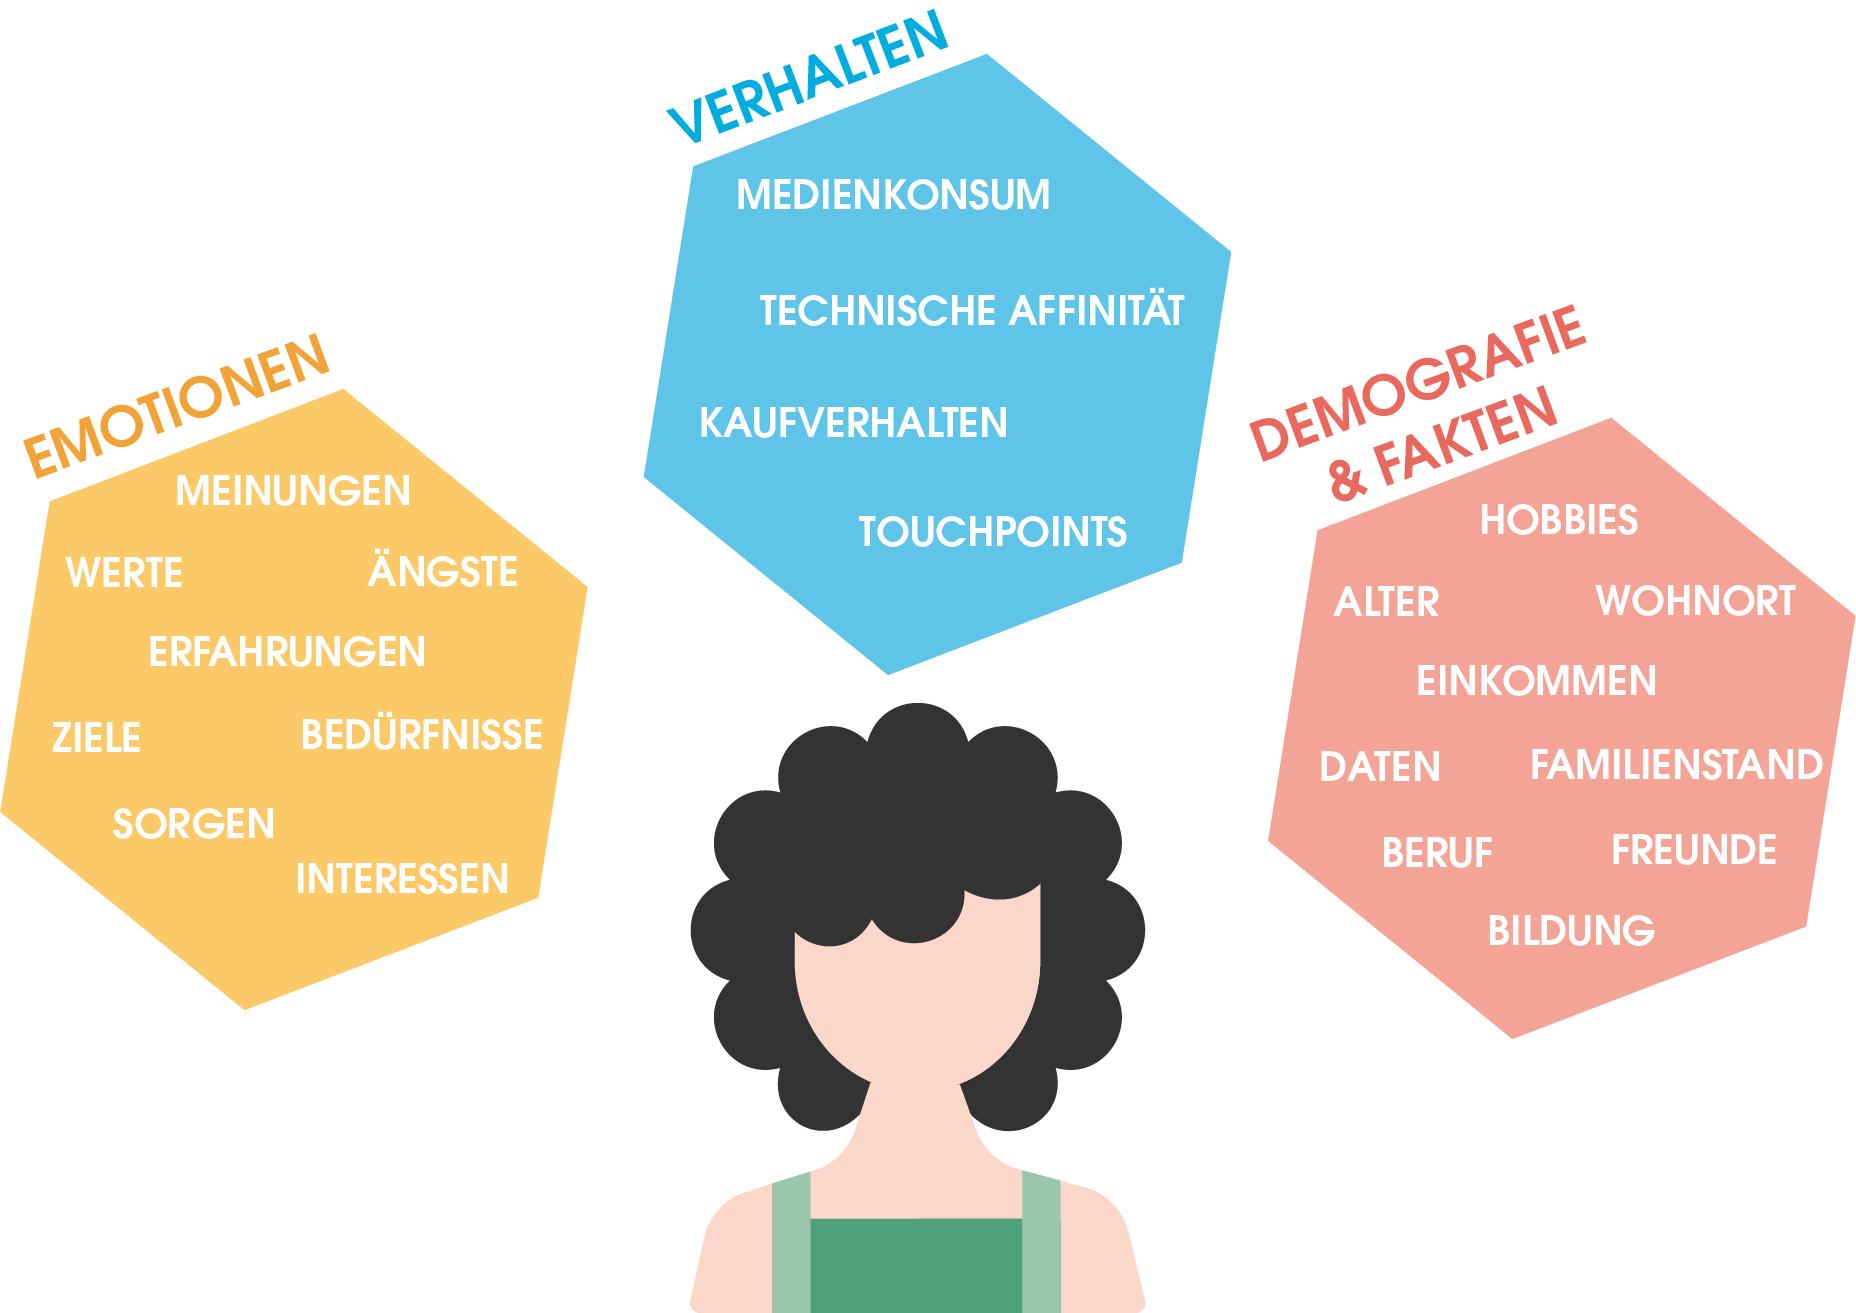 Das beeinflusst eine Persona: Emotionen, Verhalten, Demografie und Fakten